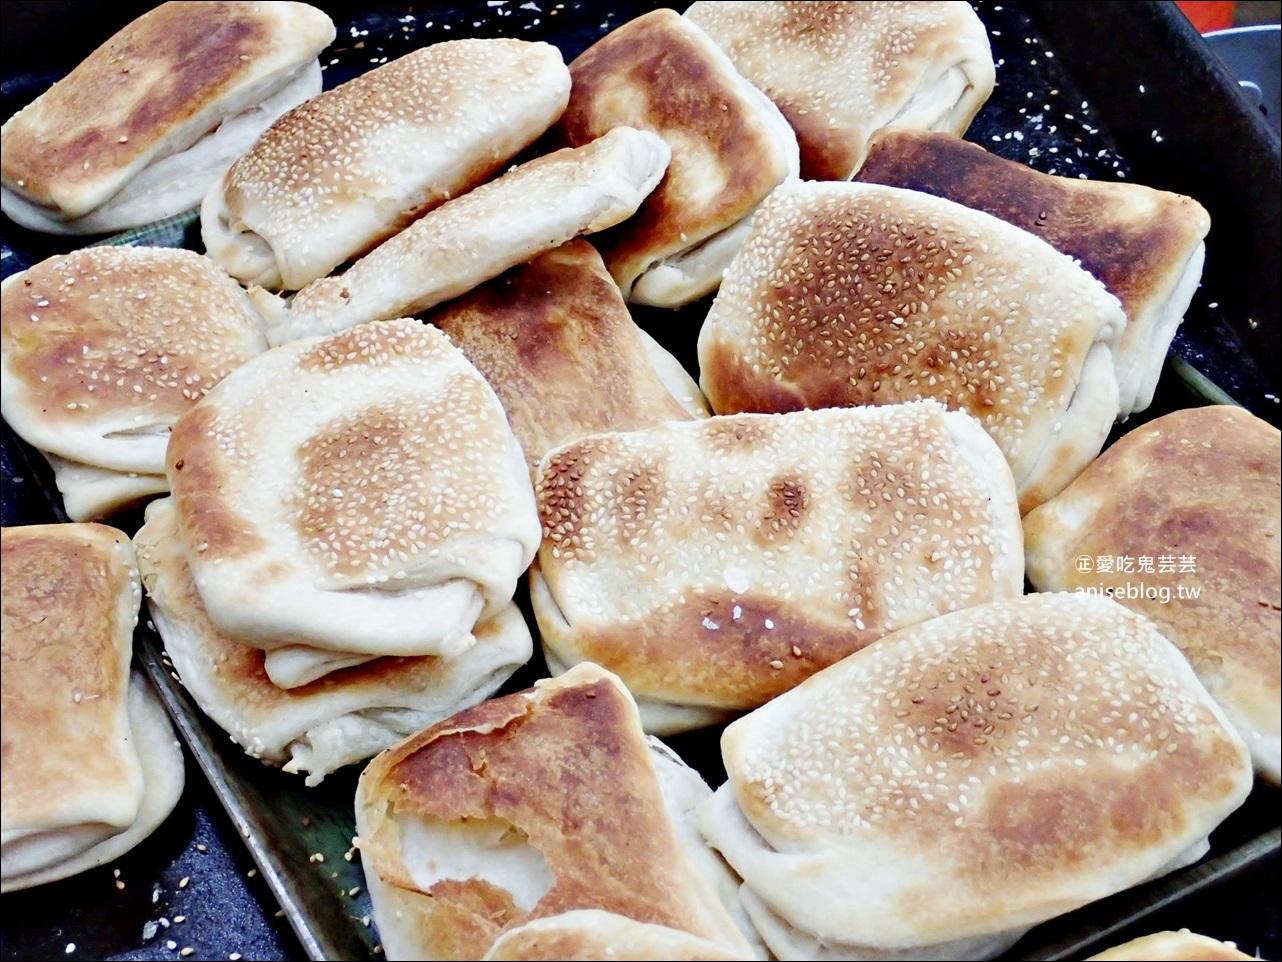 今日熱門文章:熊記燒餅油條專賣店,手工現做的傳統早餐、排隊老店,捷運新莊站美食(姊姊食記)